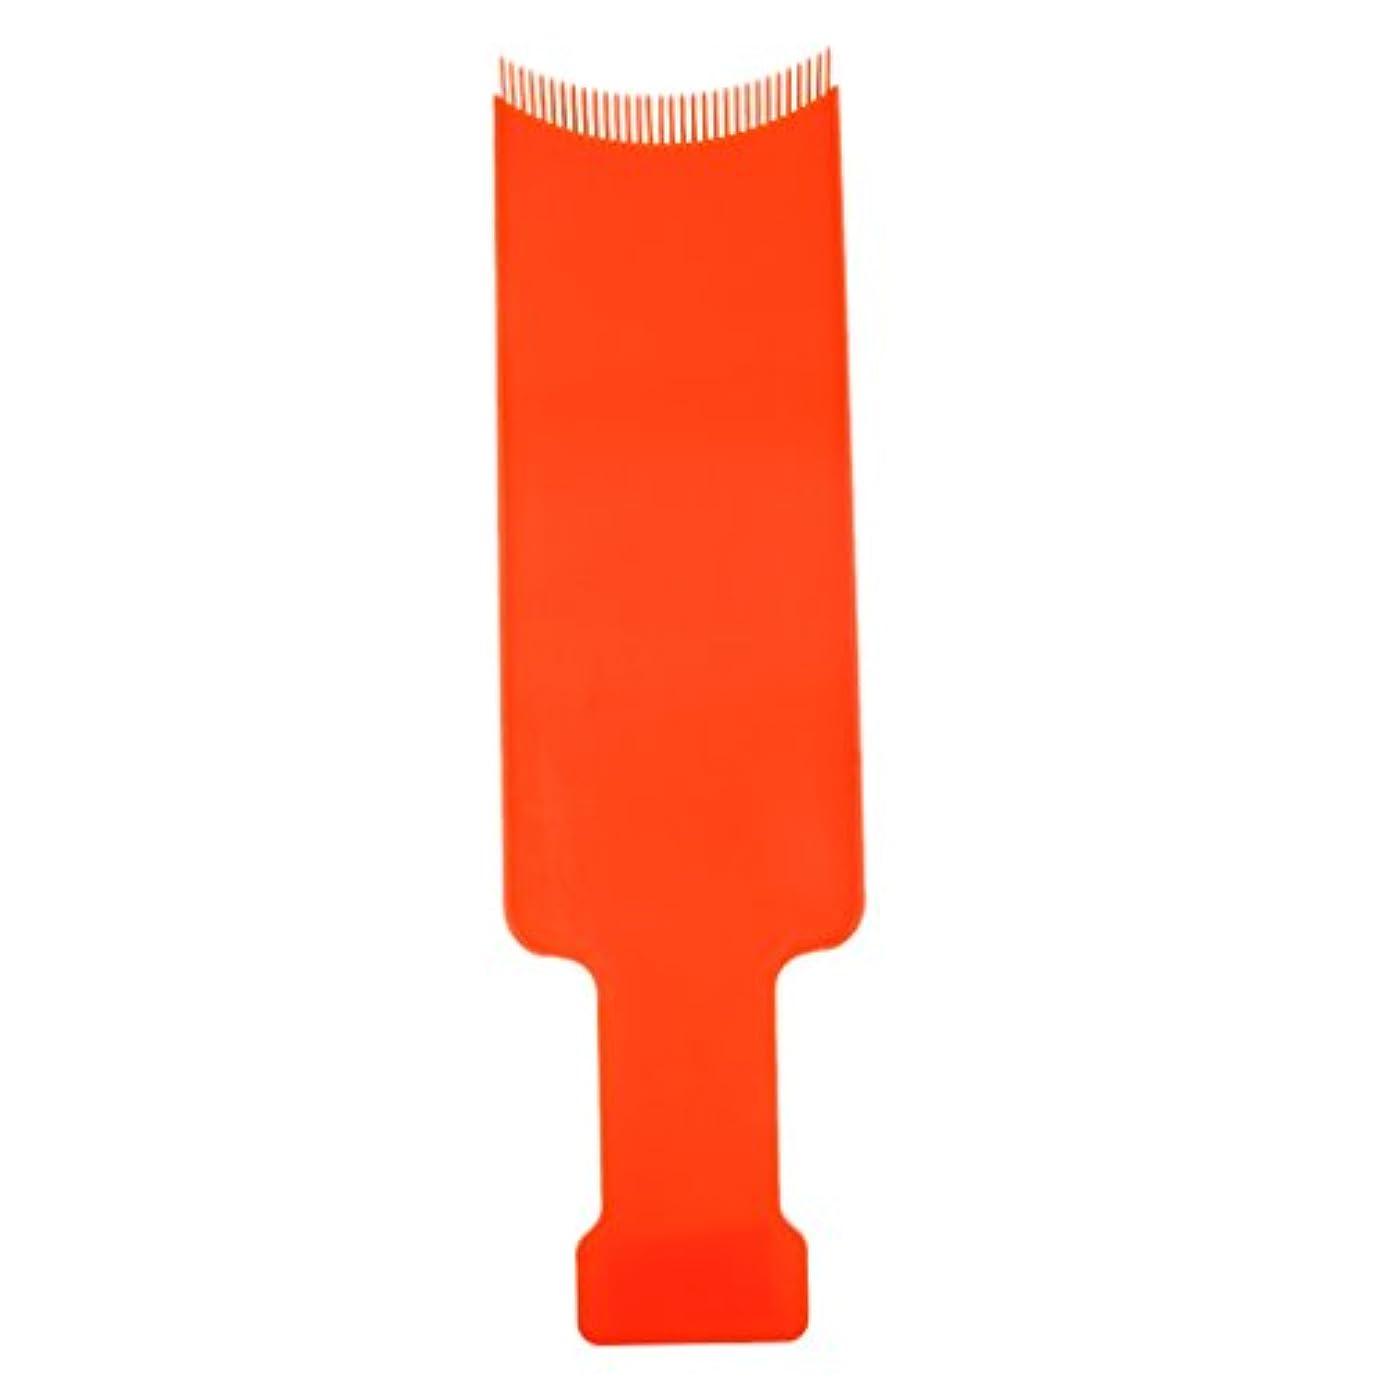 相反する認識四面体染色櫛プレート 染めボード 髪を染め 頭皮保護 着色ボード ヘアブラシ ヘアコーム ヘアカラー 櫛 2サイズ2色選べる - オレンジ, L